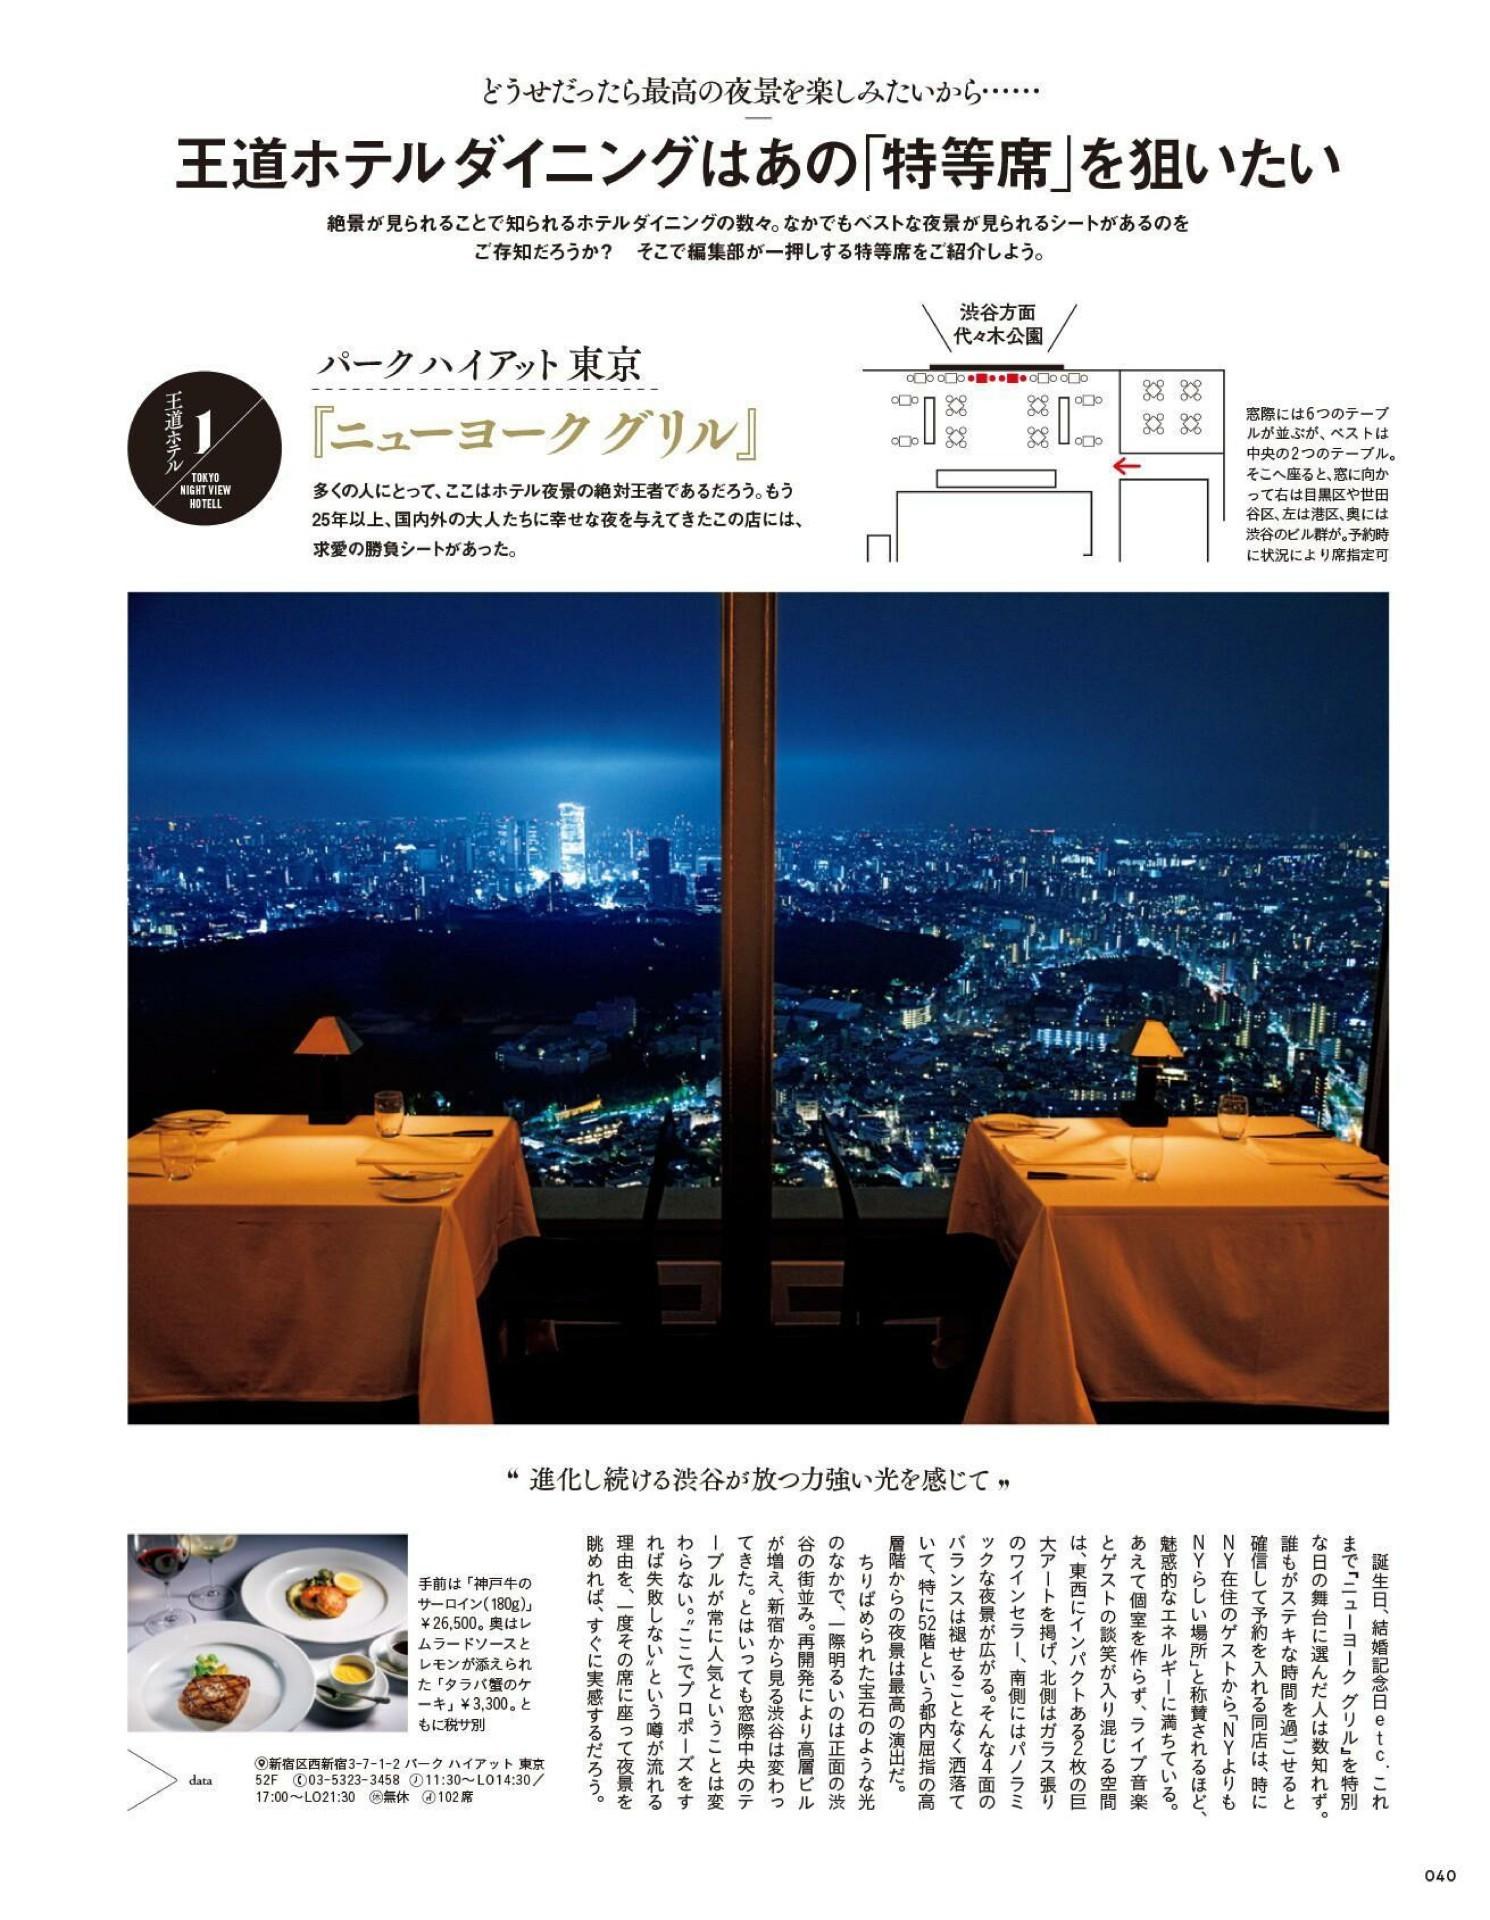 Tokyo Calendar 2020-09_imgs-0040